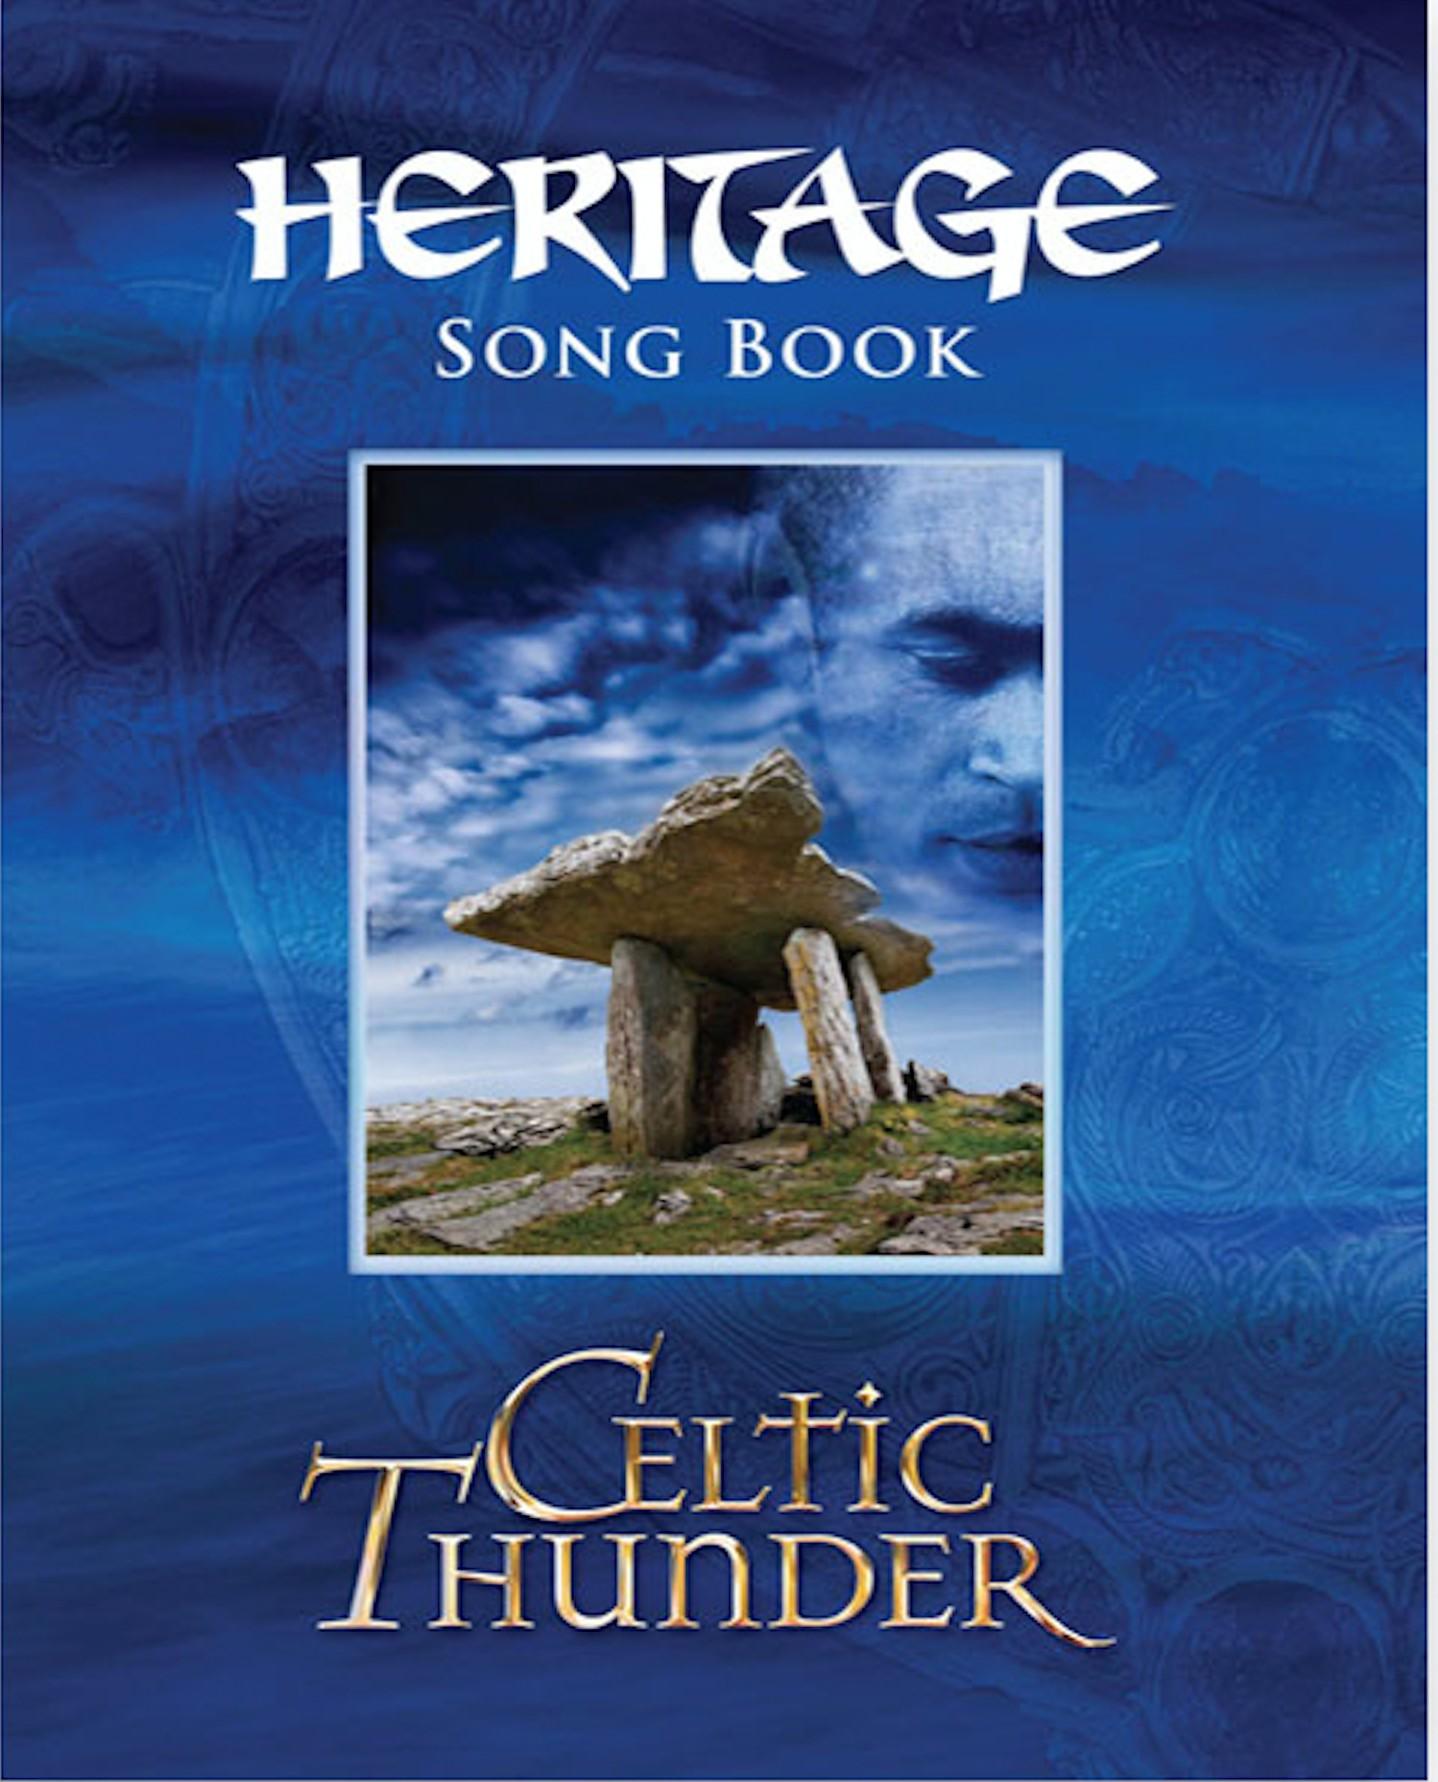 Galway Girl Lyrics Wallpaper Celtic Thunder Heritage Music Song Book Celtic Thunder